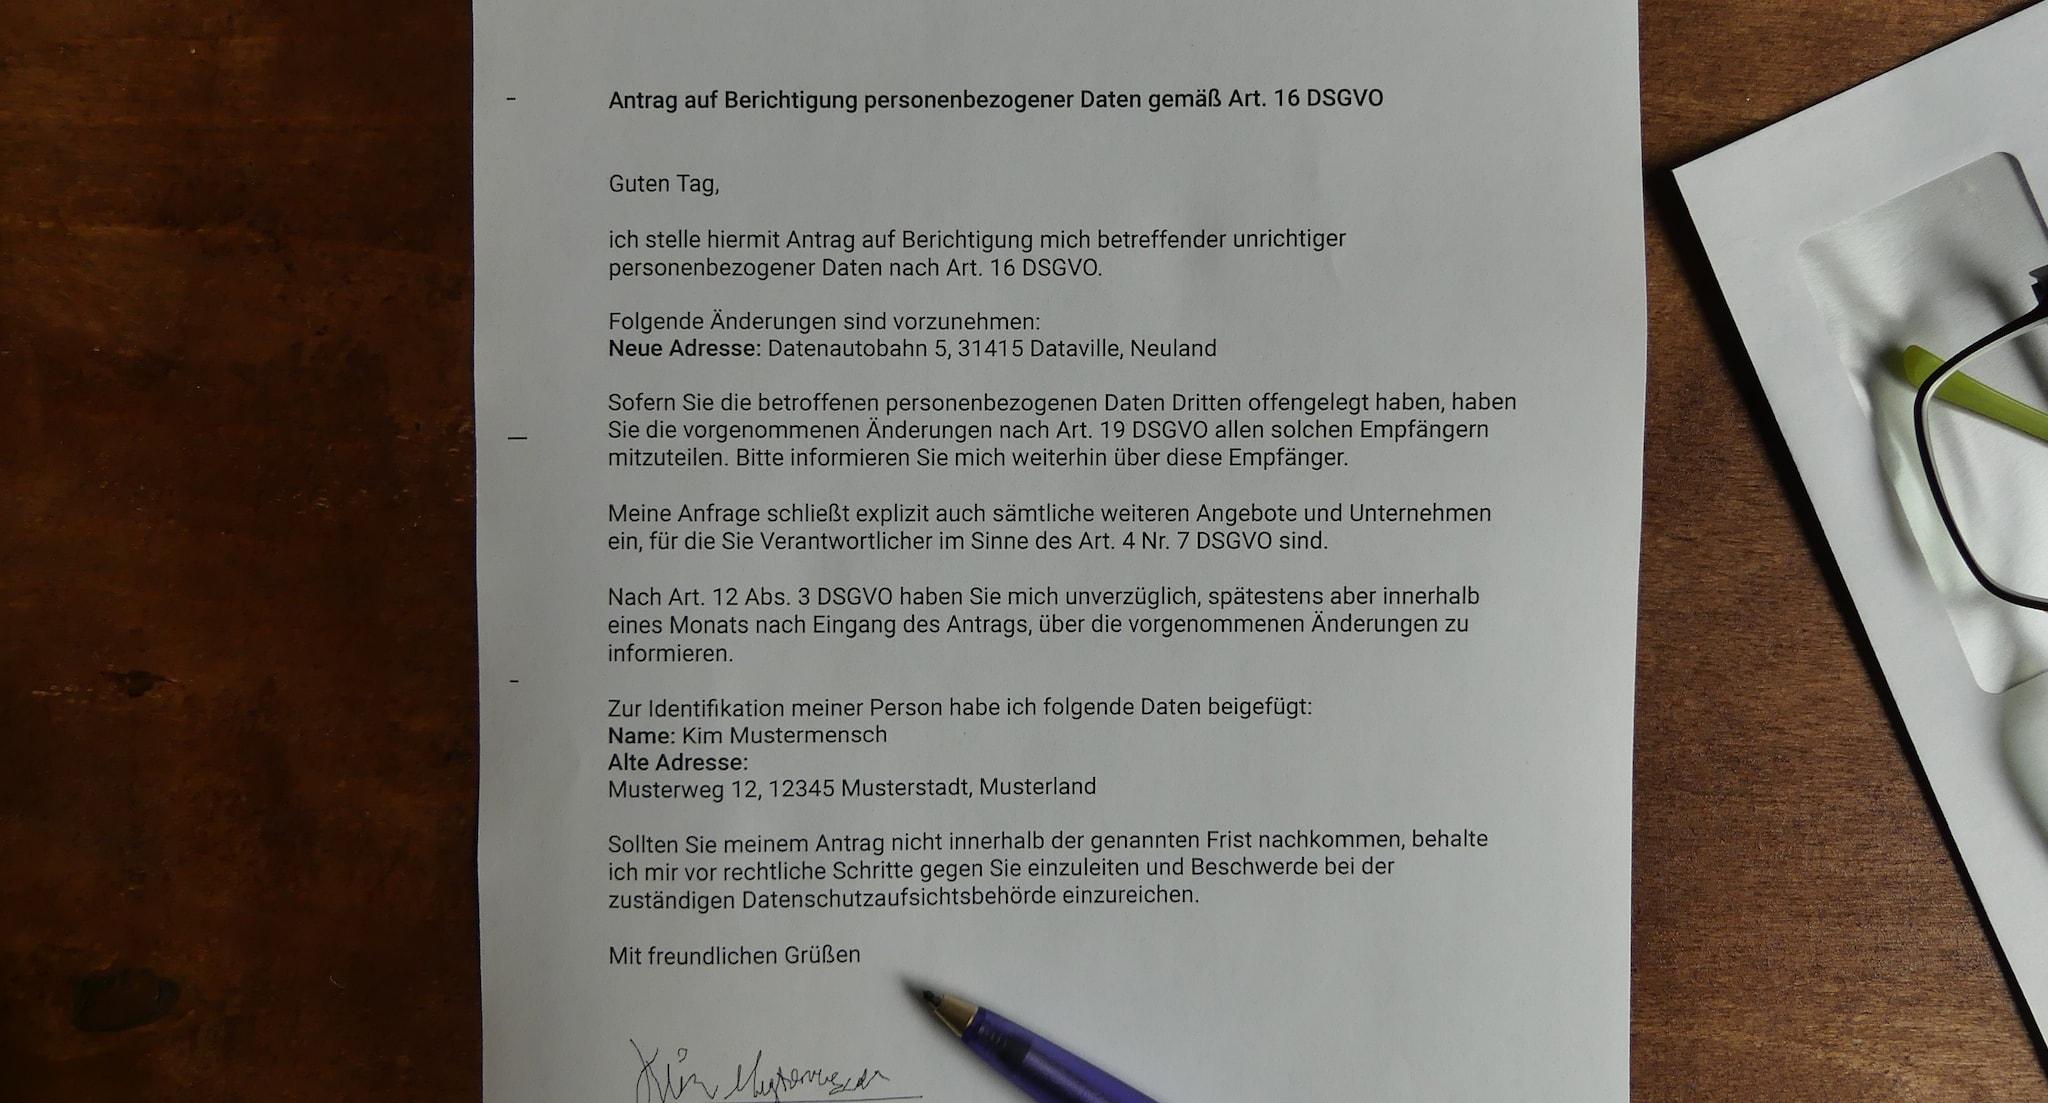 Musterbrief für Anträge auf Berichtigung nach Art. 16 DSGVO